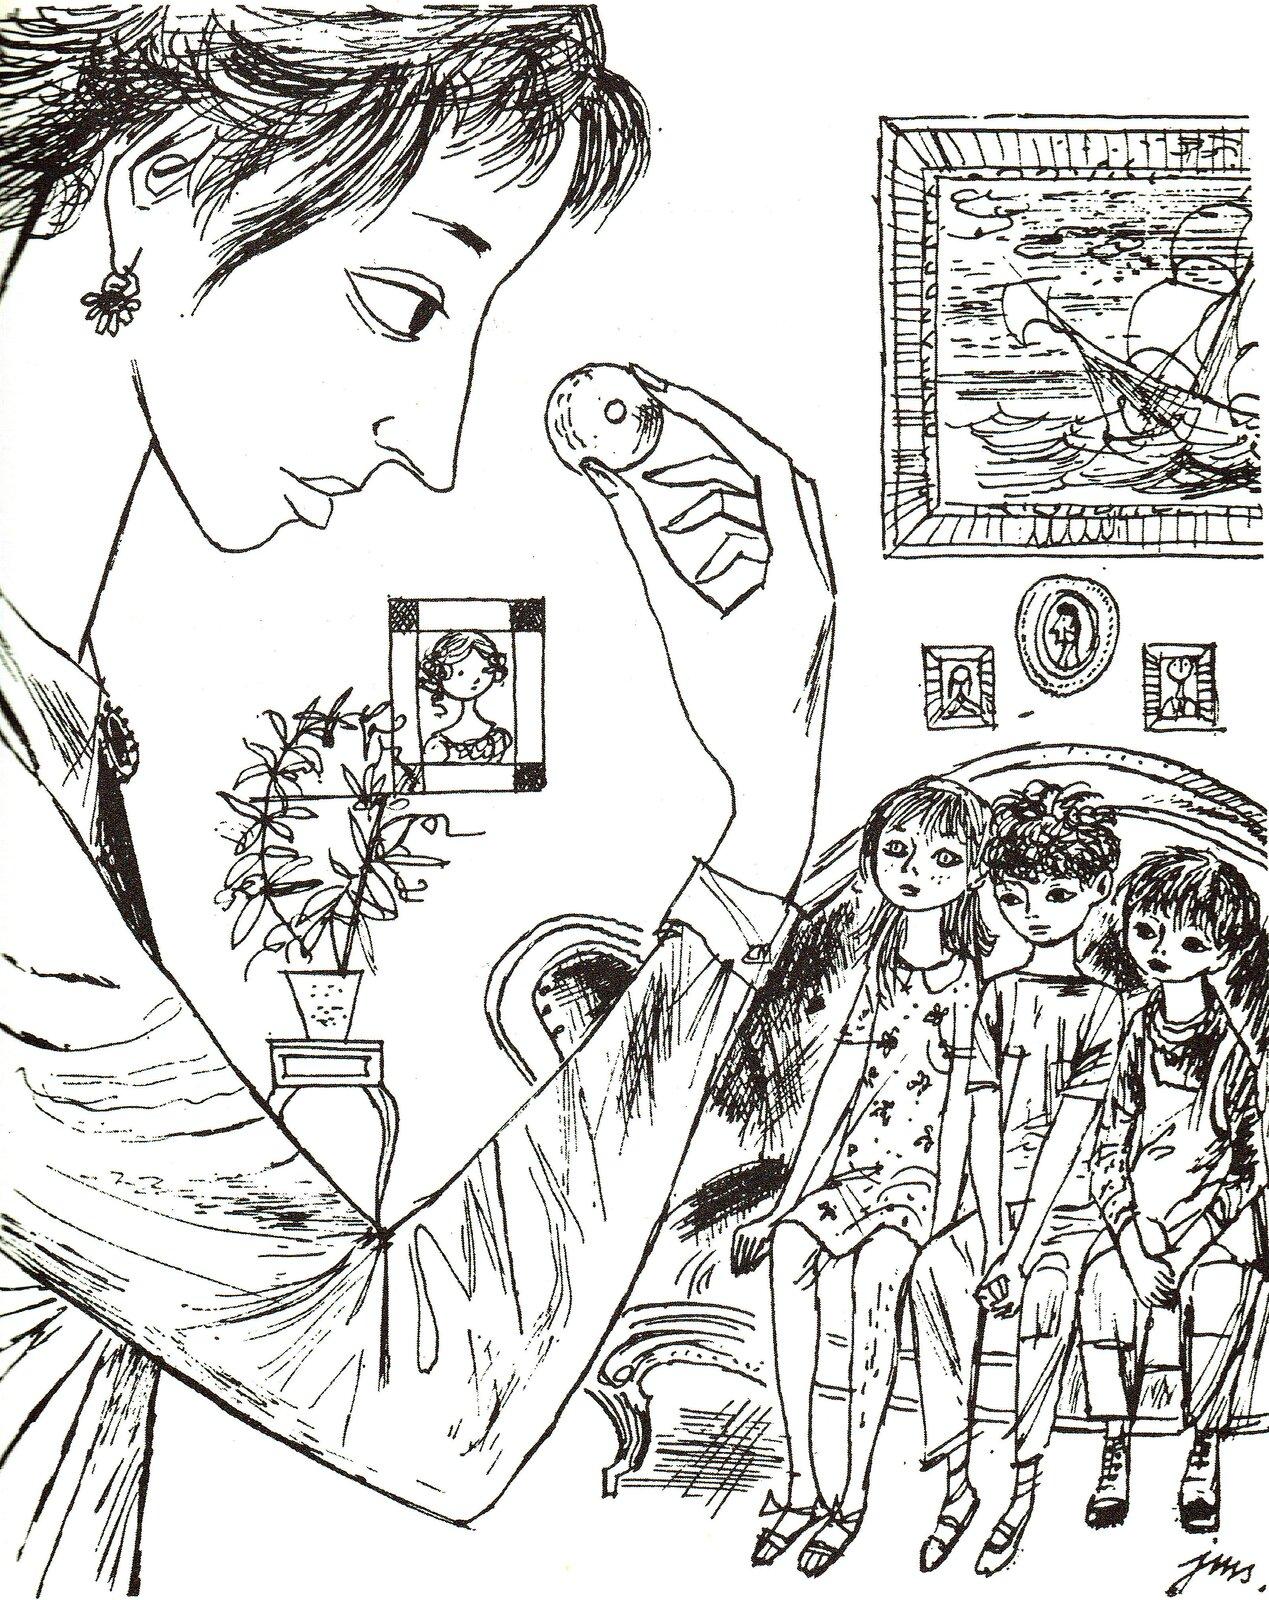 """Ilustracja przedstawia pracę Jana Marcina Szancera zksiążki Mary Norton """"Gałka od łóżka"""". Ukazuje wnętrze. Przy ścianie, na której wiszą obrazki iduży obraz, na łóżku siedzi troje dzieci. Mają smutne miny. Obok stoi stolik zdoniczką. Na pierwszym planie ukazana jest zprofilu kobieta trzymająca wprawym ręku, na wysokości oczu gałkę od łóżka."""